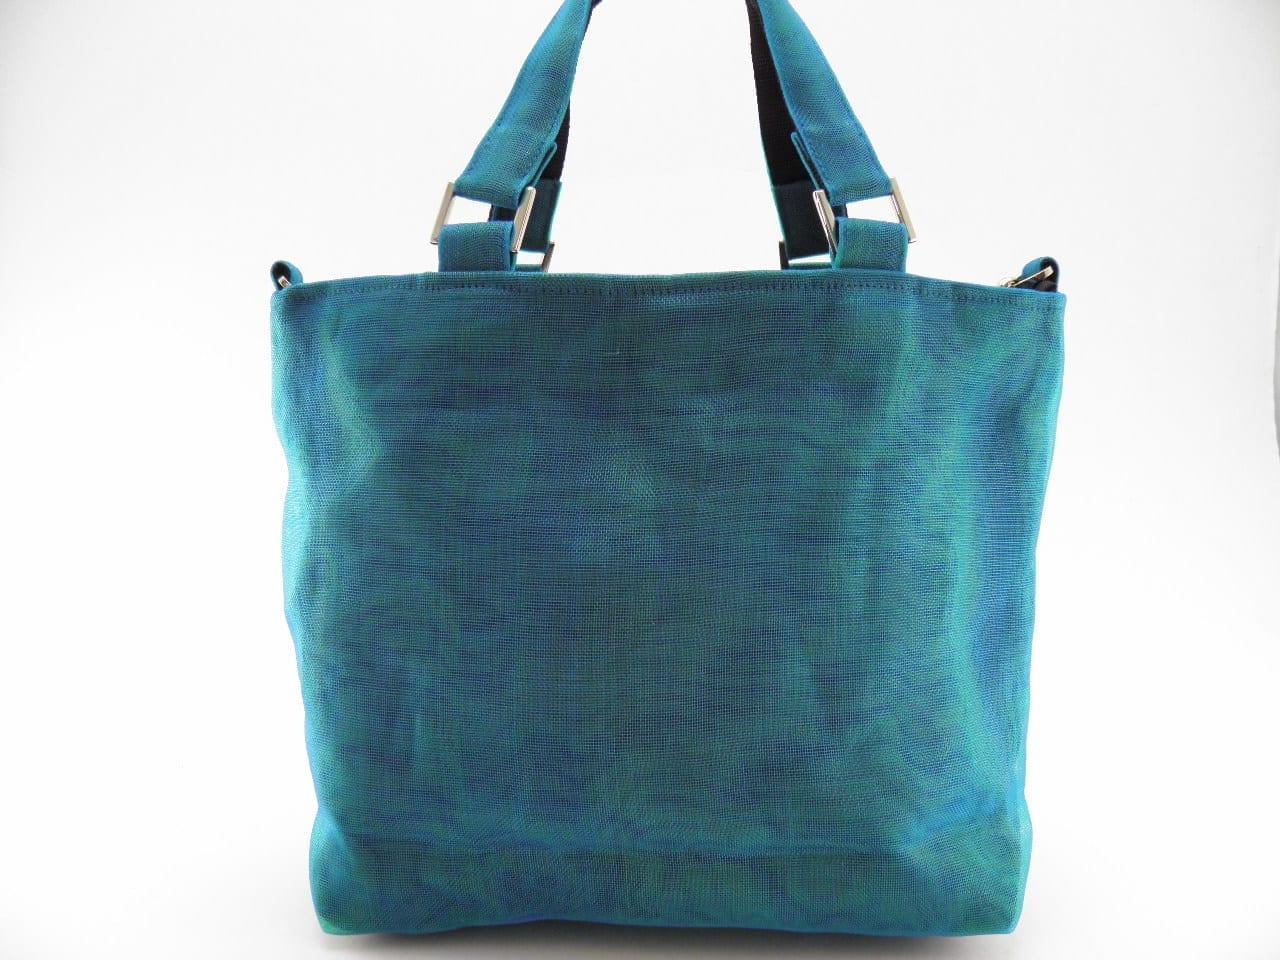 Unix - Ethical Handbag - Small - Oil blue - versoh